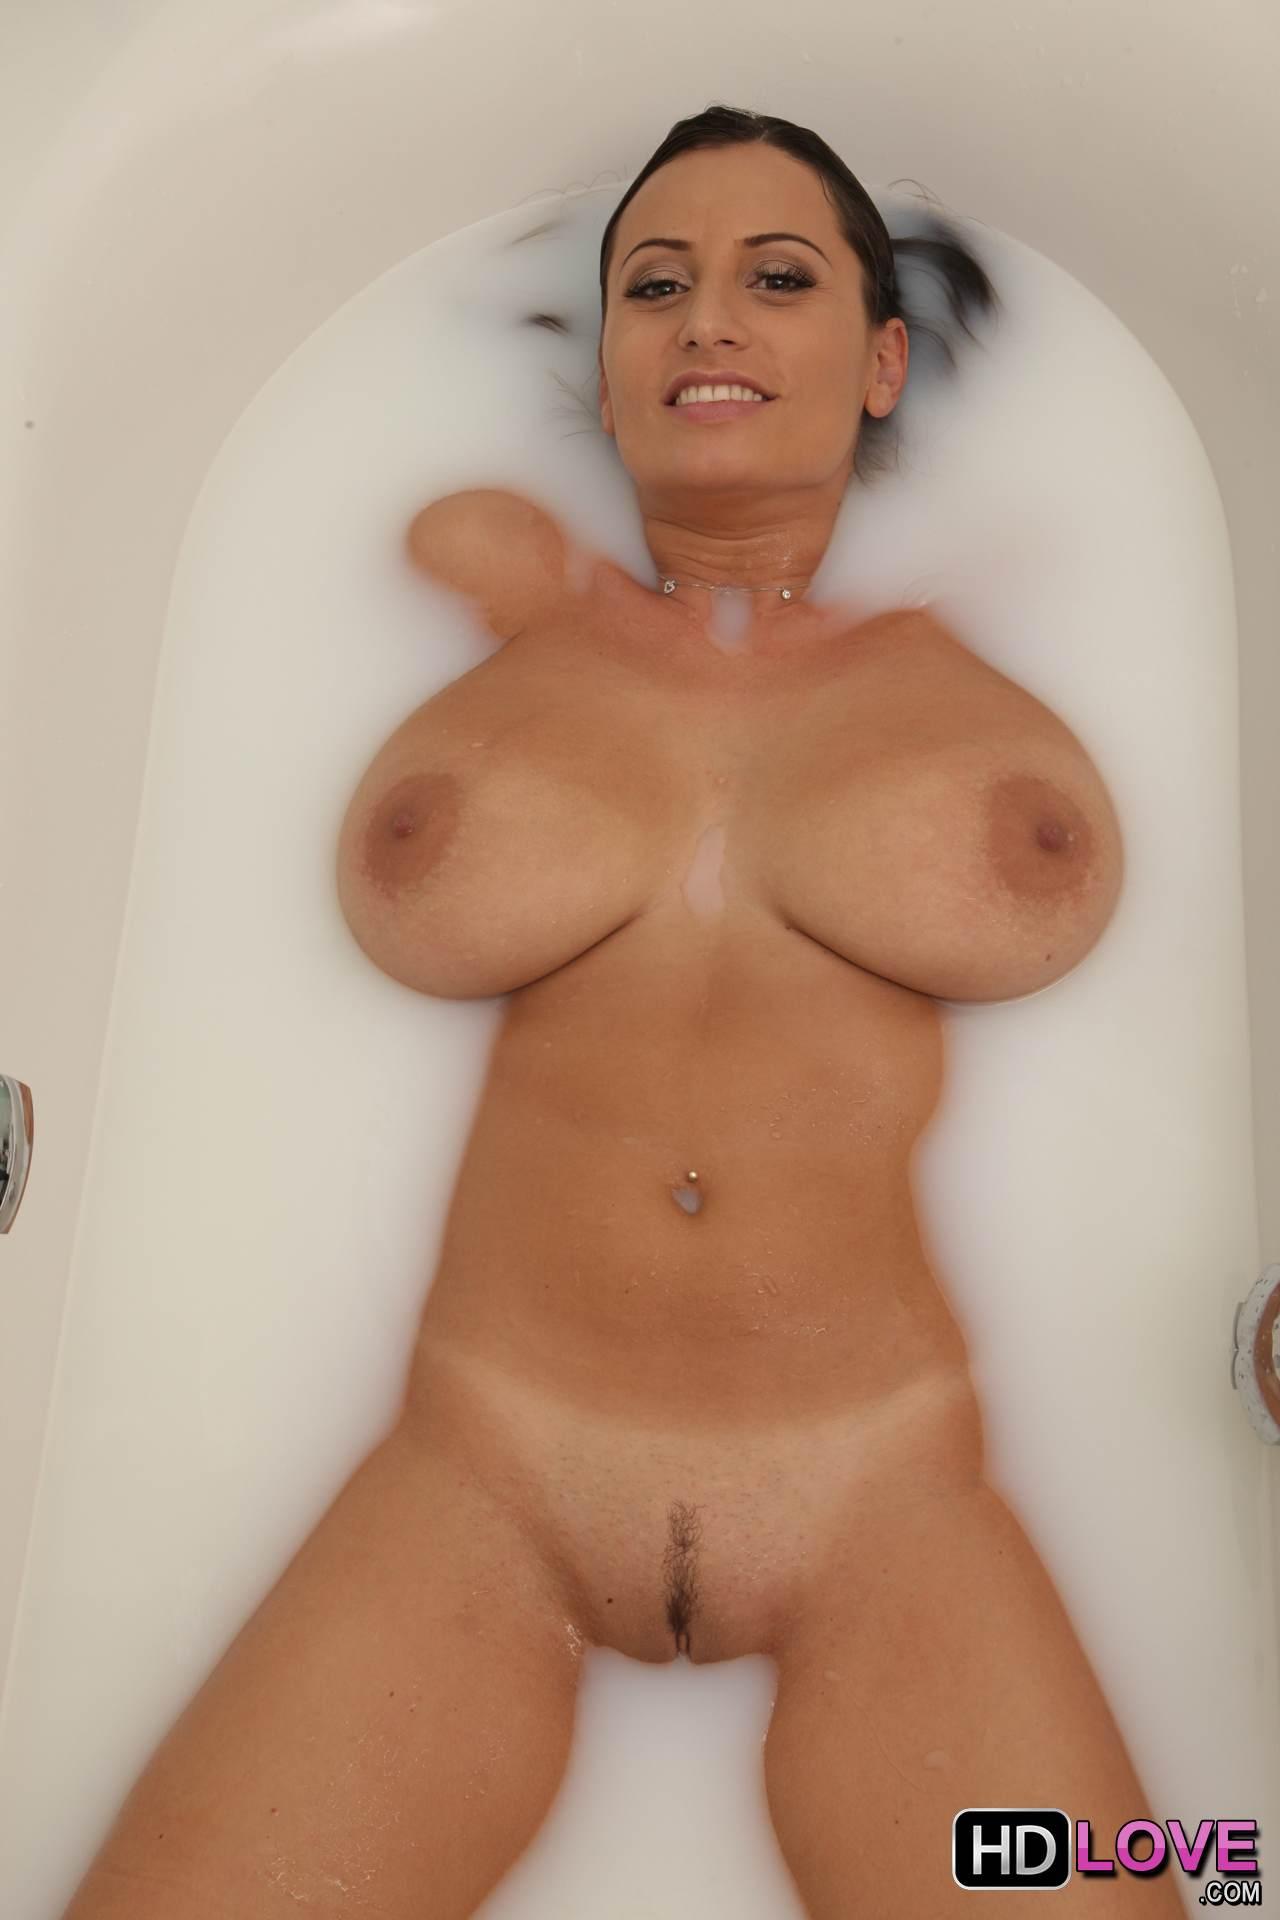 Big boobs nude jane